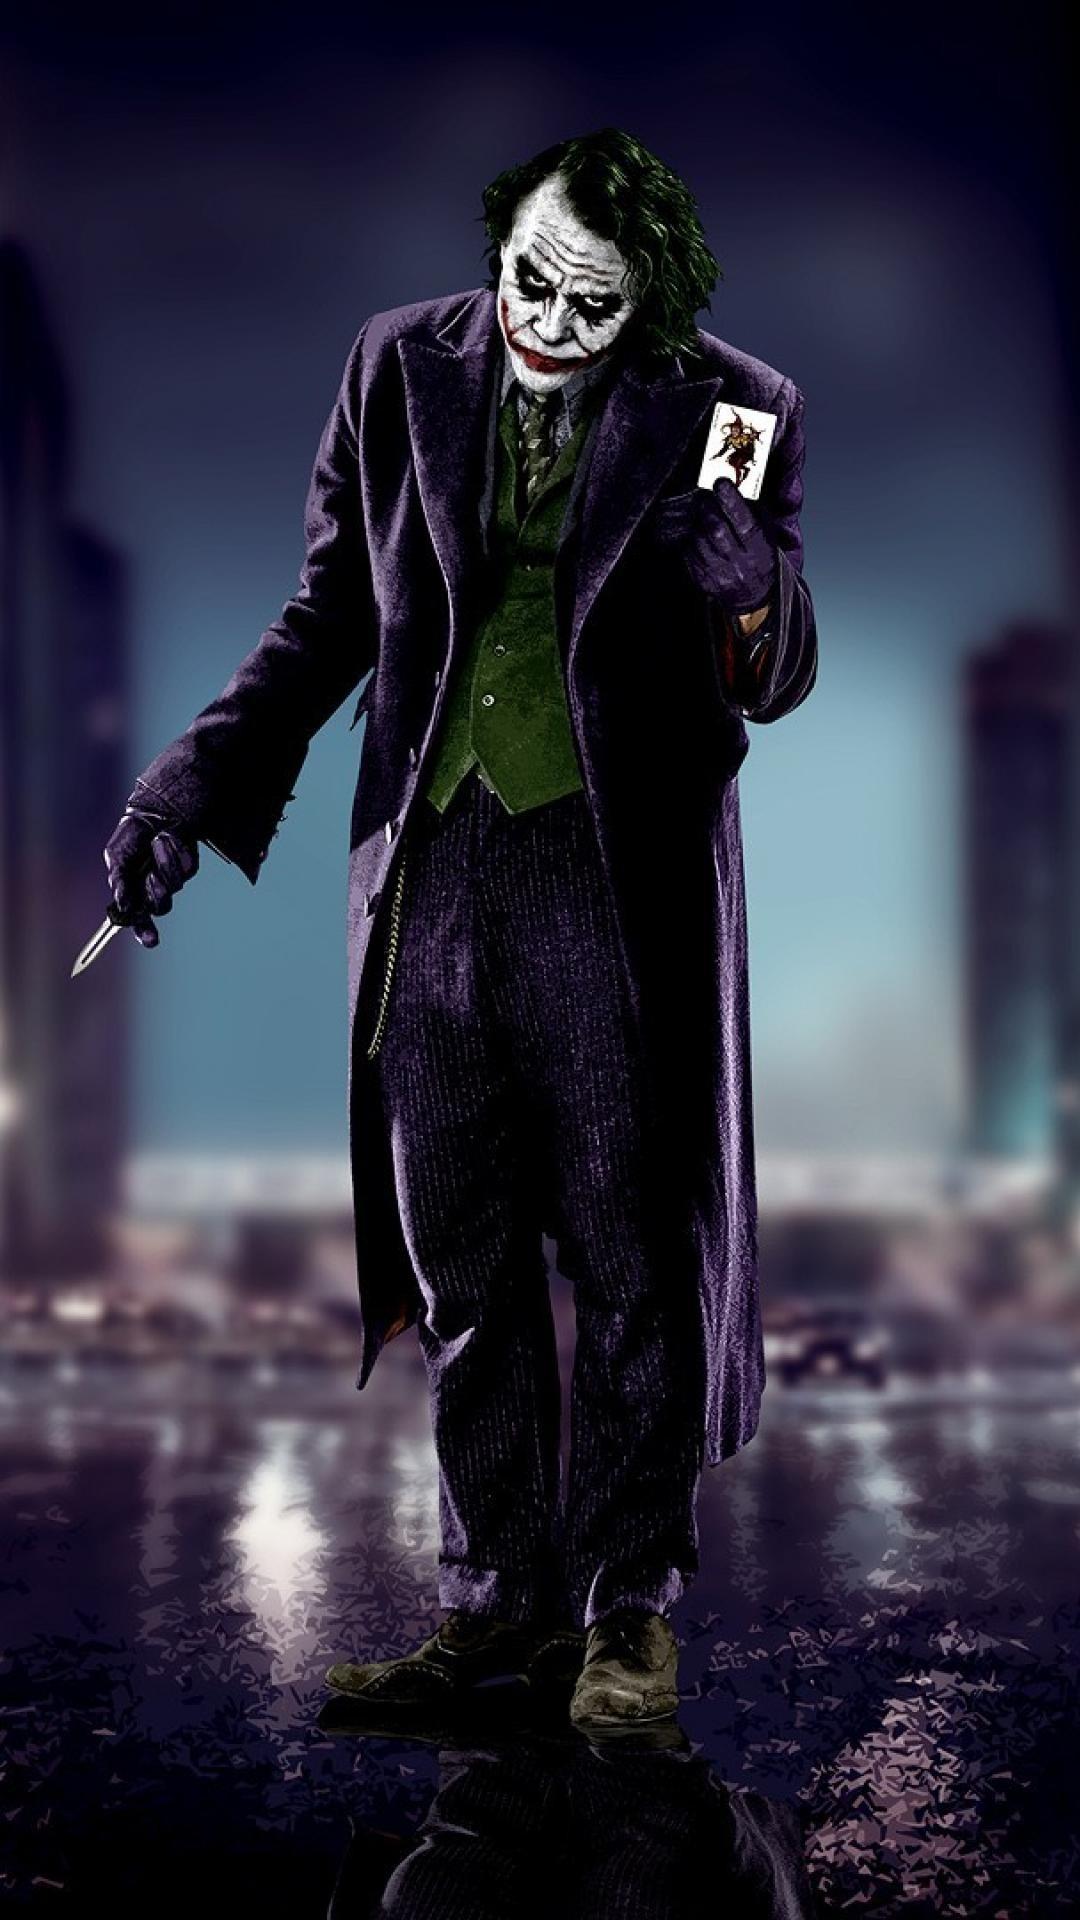 Joker Jared Leto Wallpaper